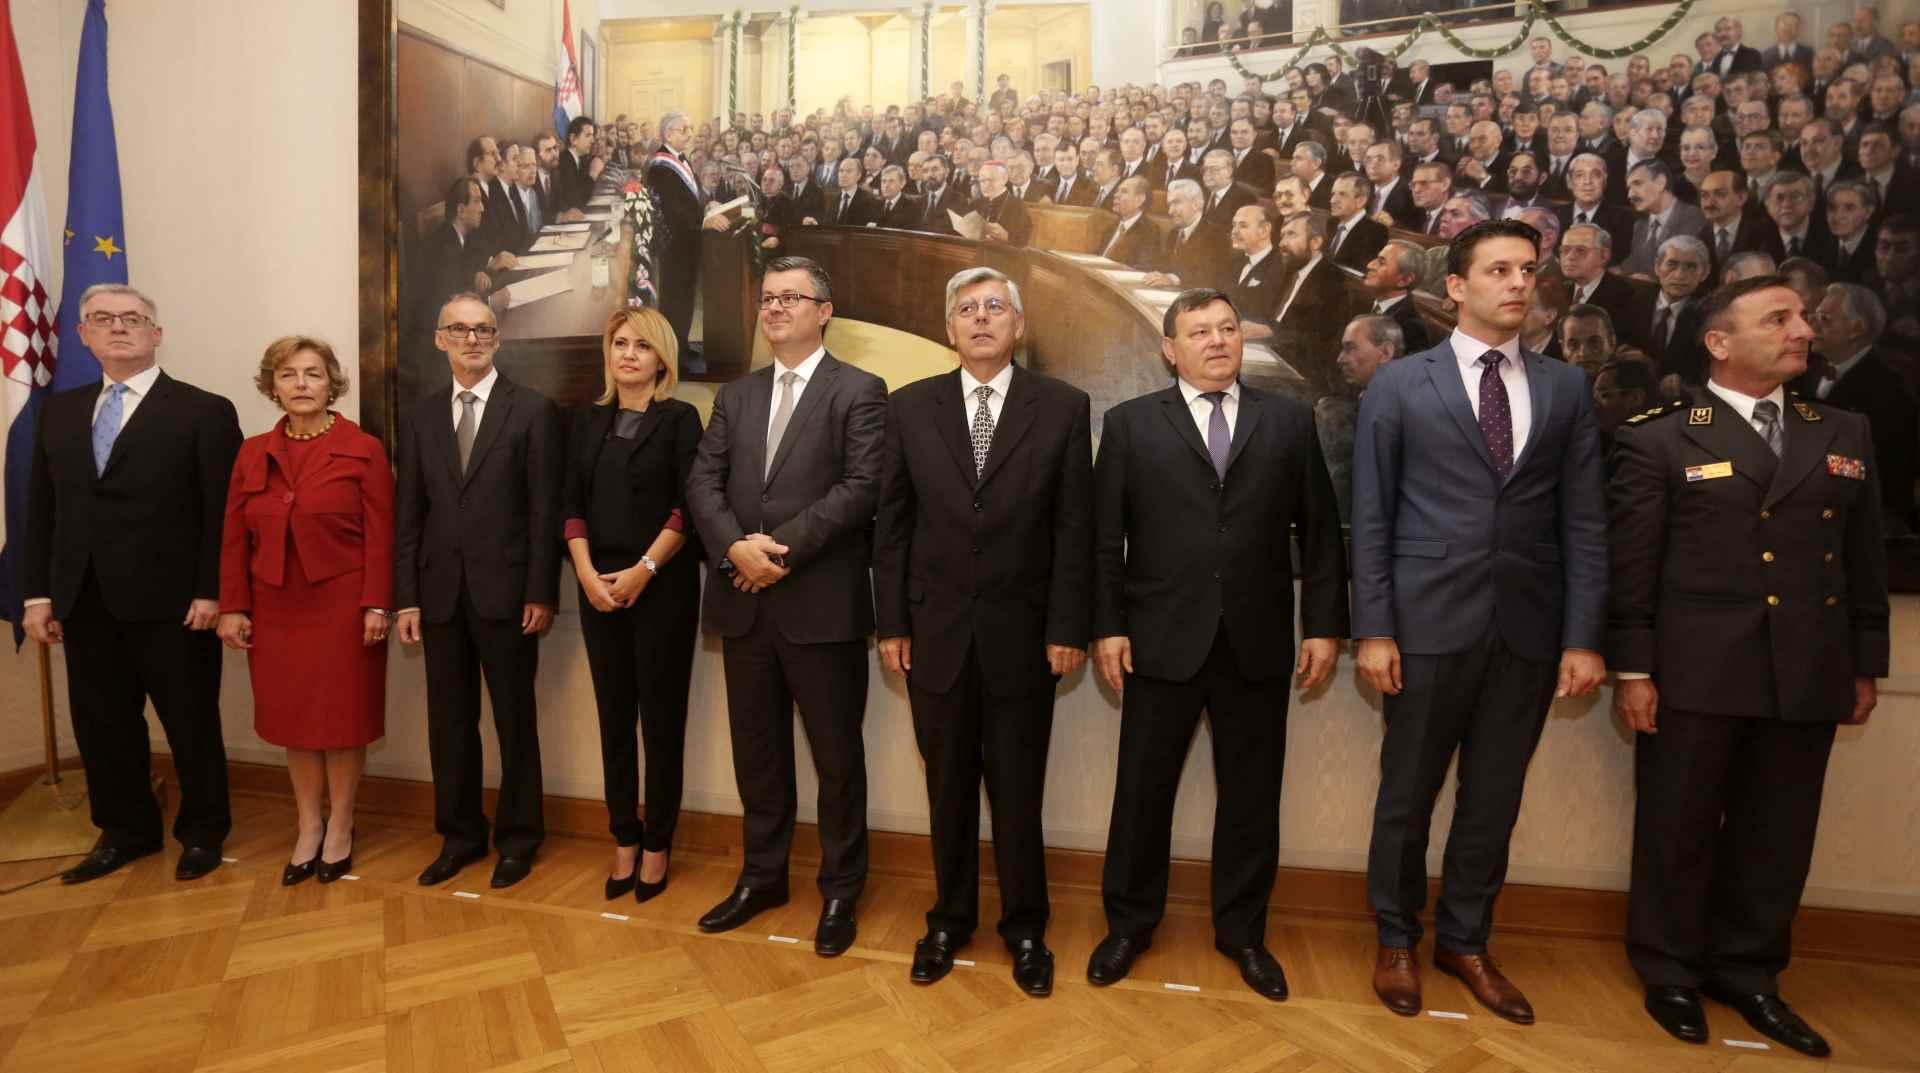 Hrvatski sabor obilježio 25 godina hrvatske neovisnosti